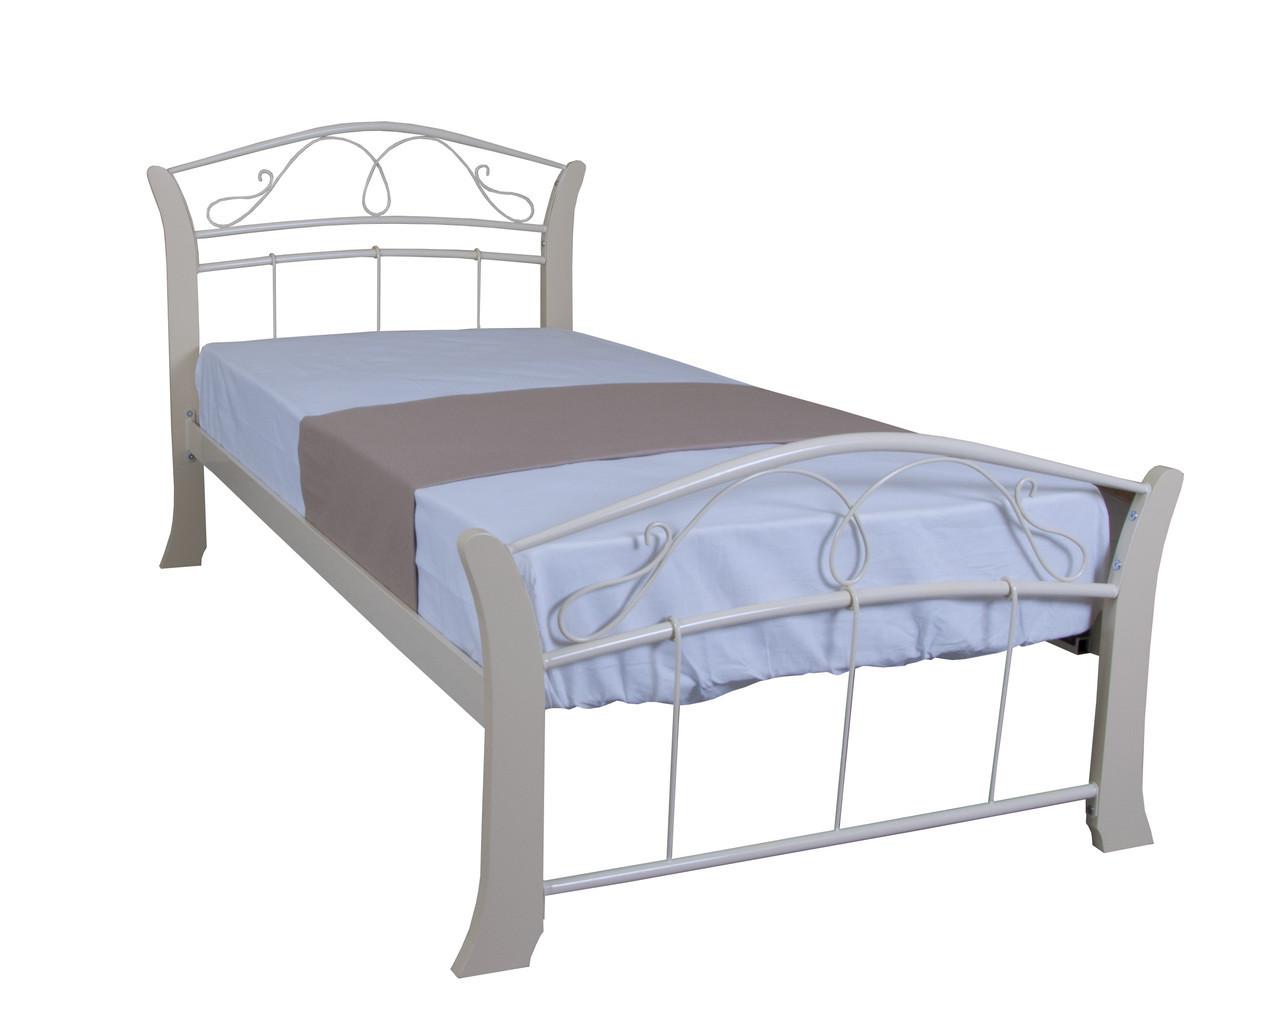 Кровать Селена Вуд односпальная 190х80, бежевая